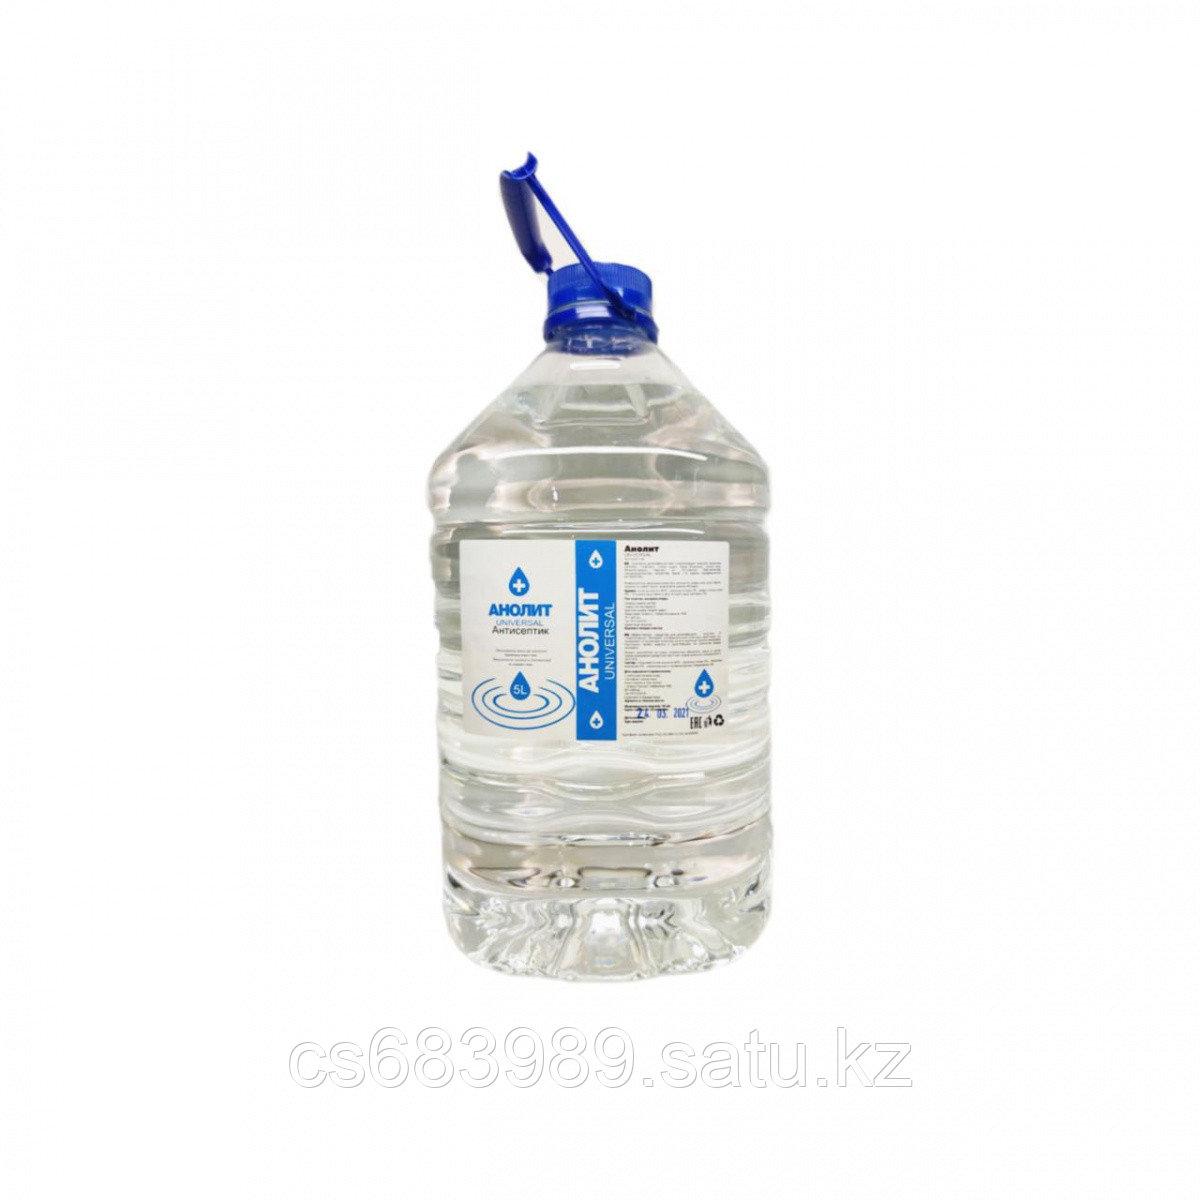 Антисептик Анолит, 5 литров. +77758242563 (Whatsapp)